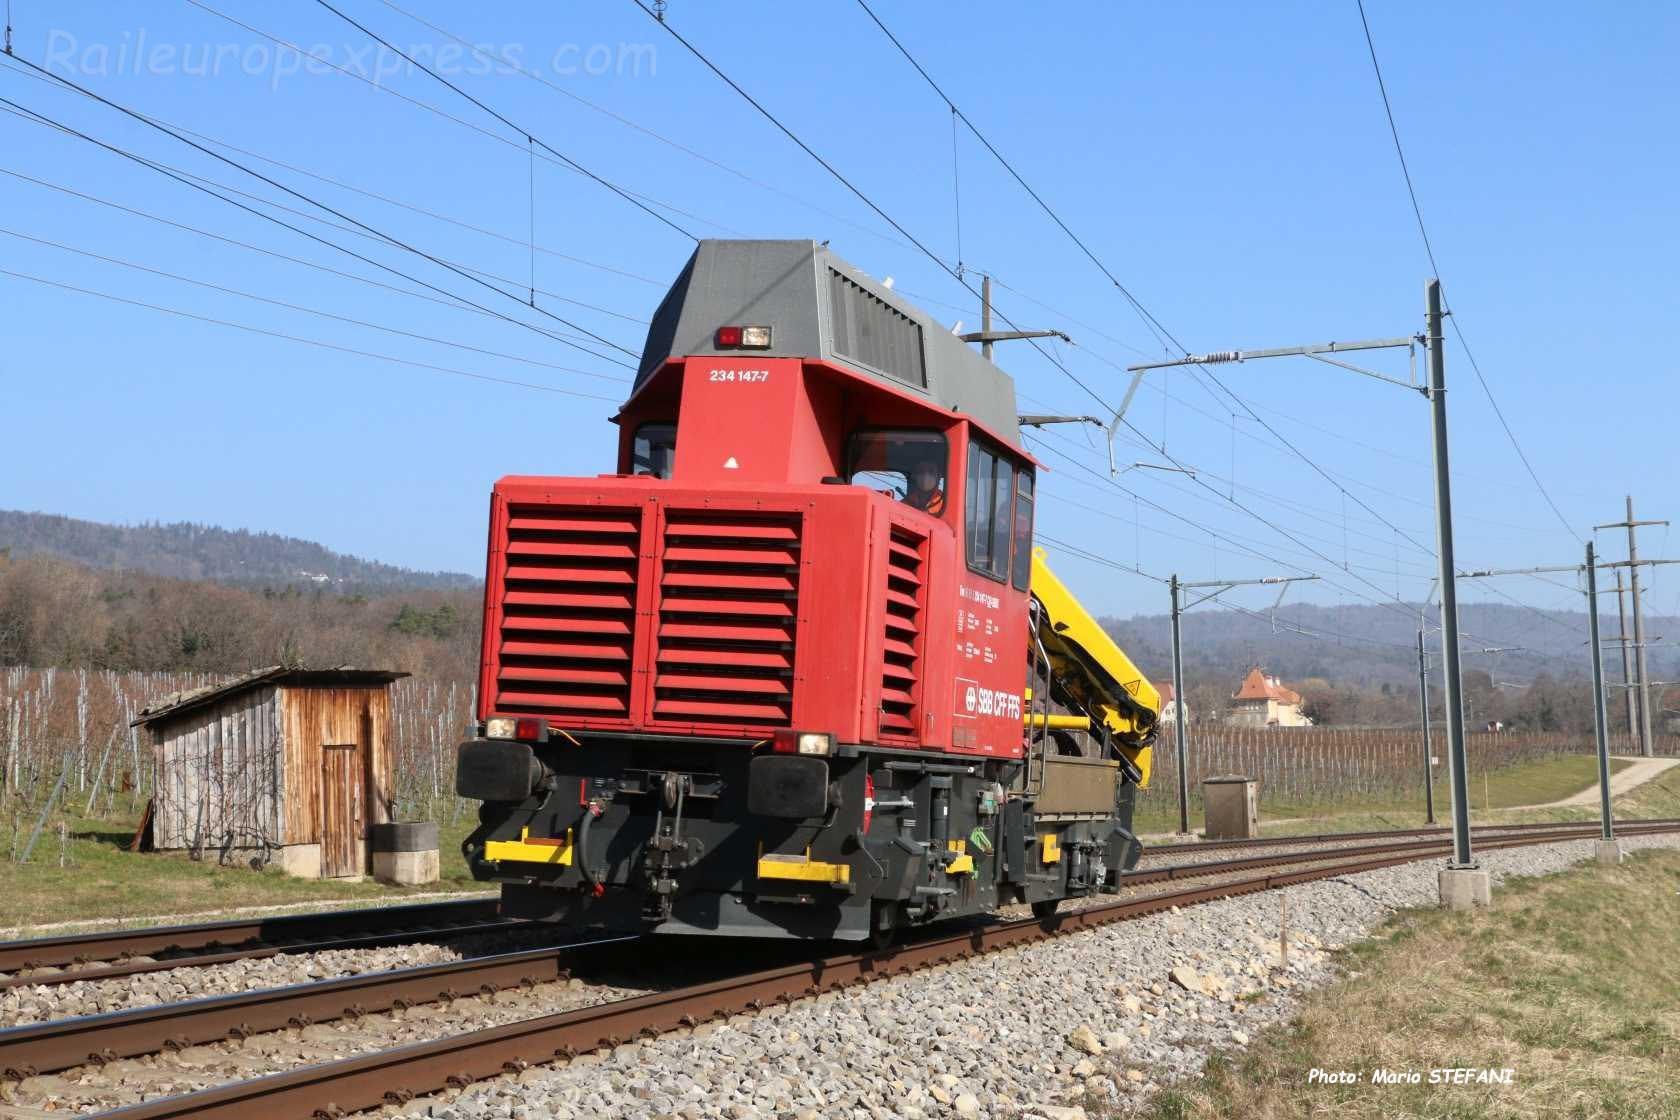 Tm 234 147-7 CFF à Boudry (CH)